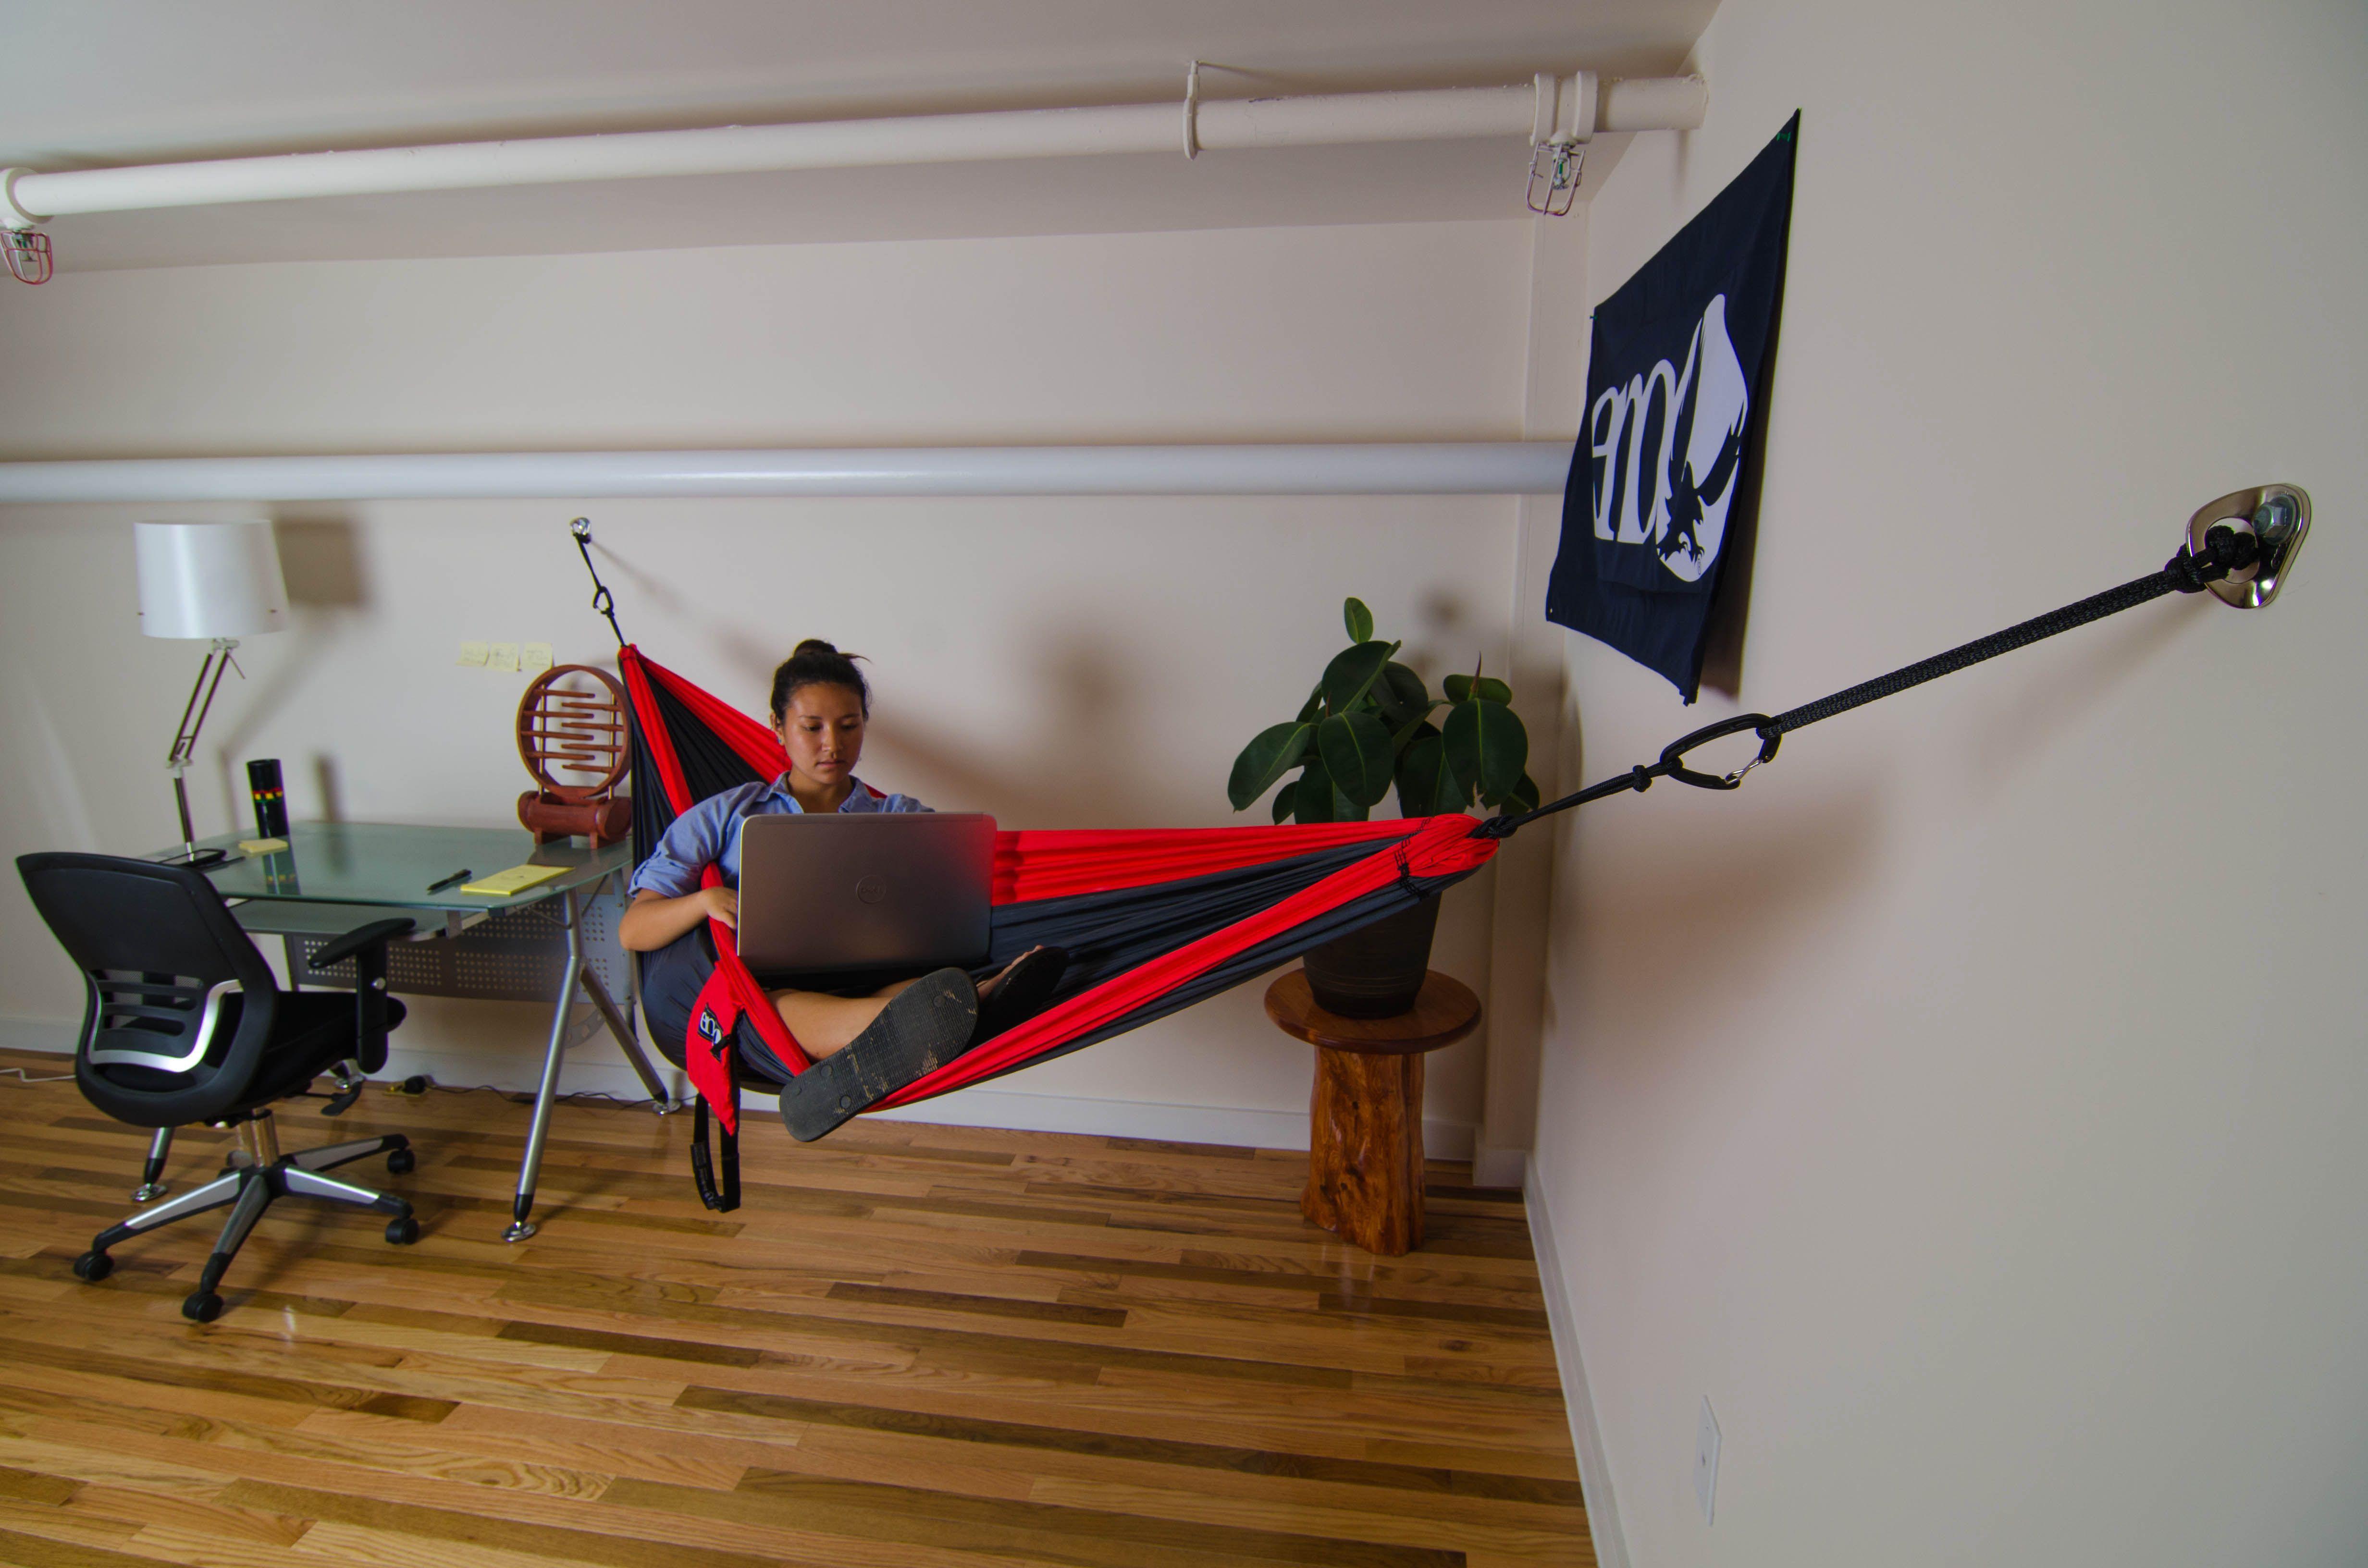 Welcome Home To Indoor Hammocking Interiordesign Hammock